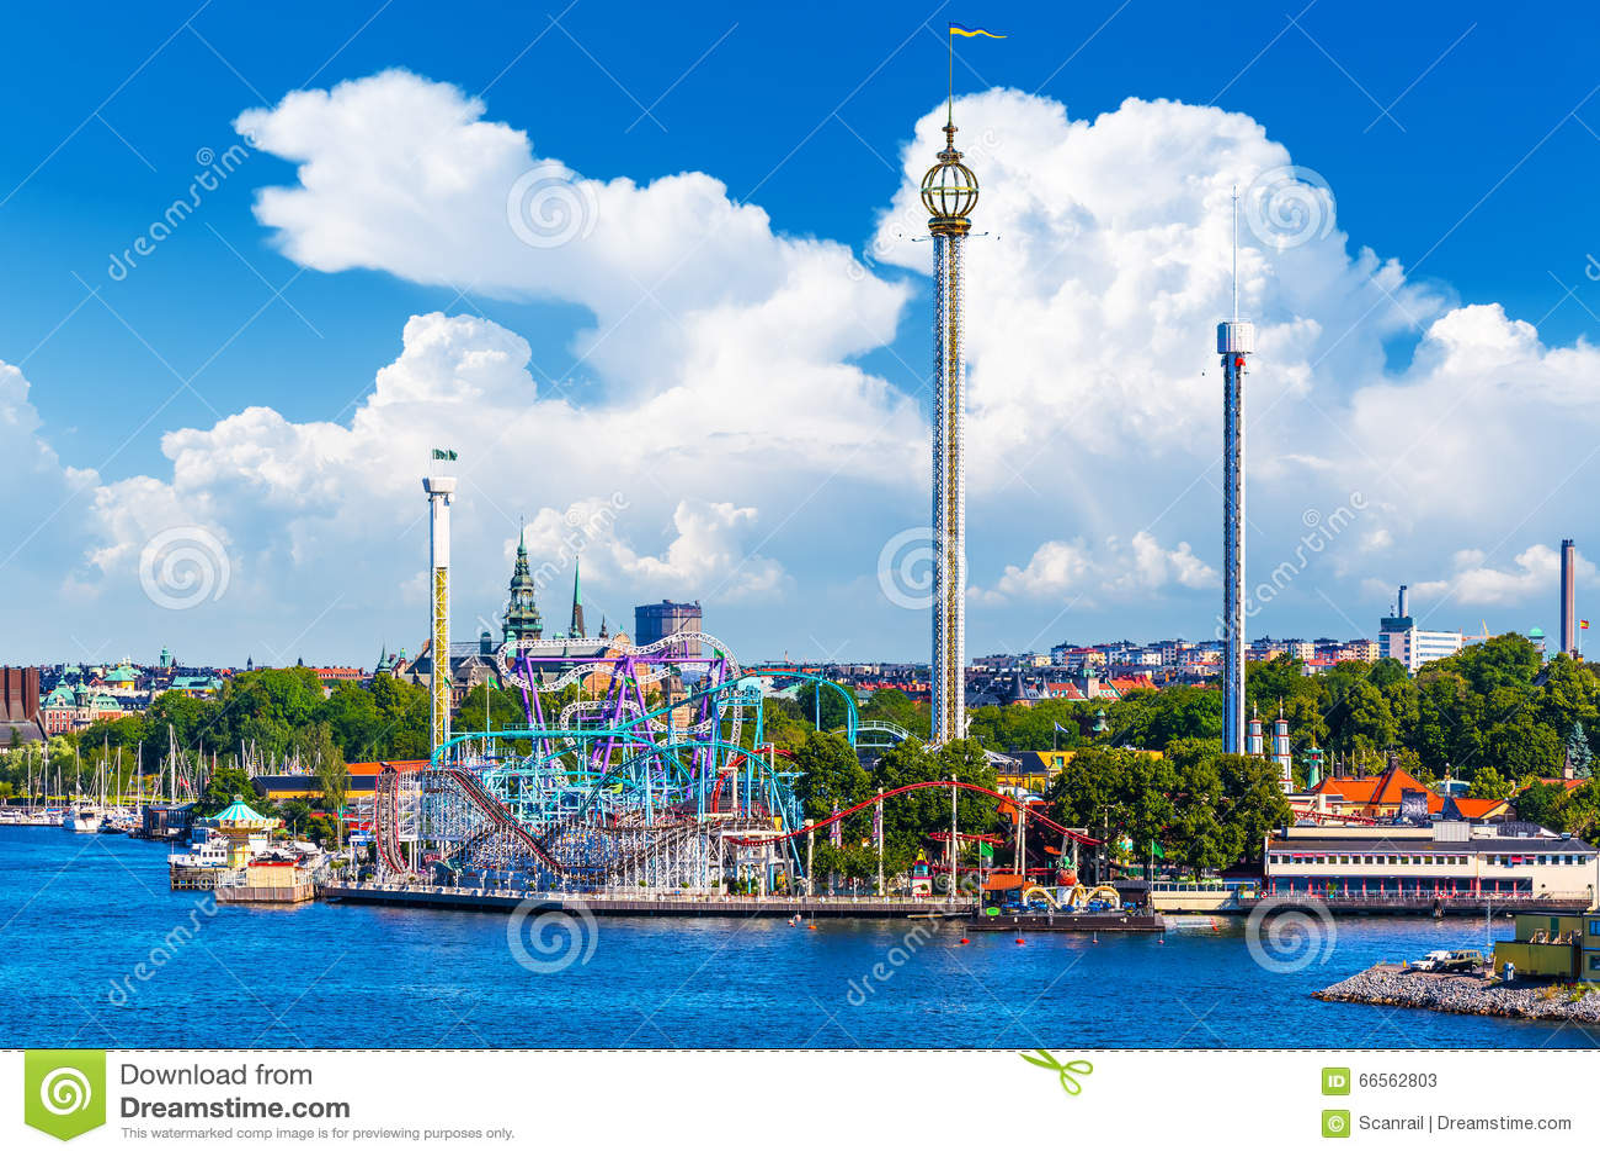 Parco di divertimenti Grona Lund sull isola di Djurgarden a Stoccolma, Swe